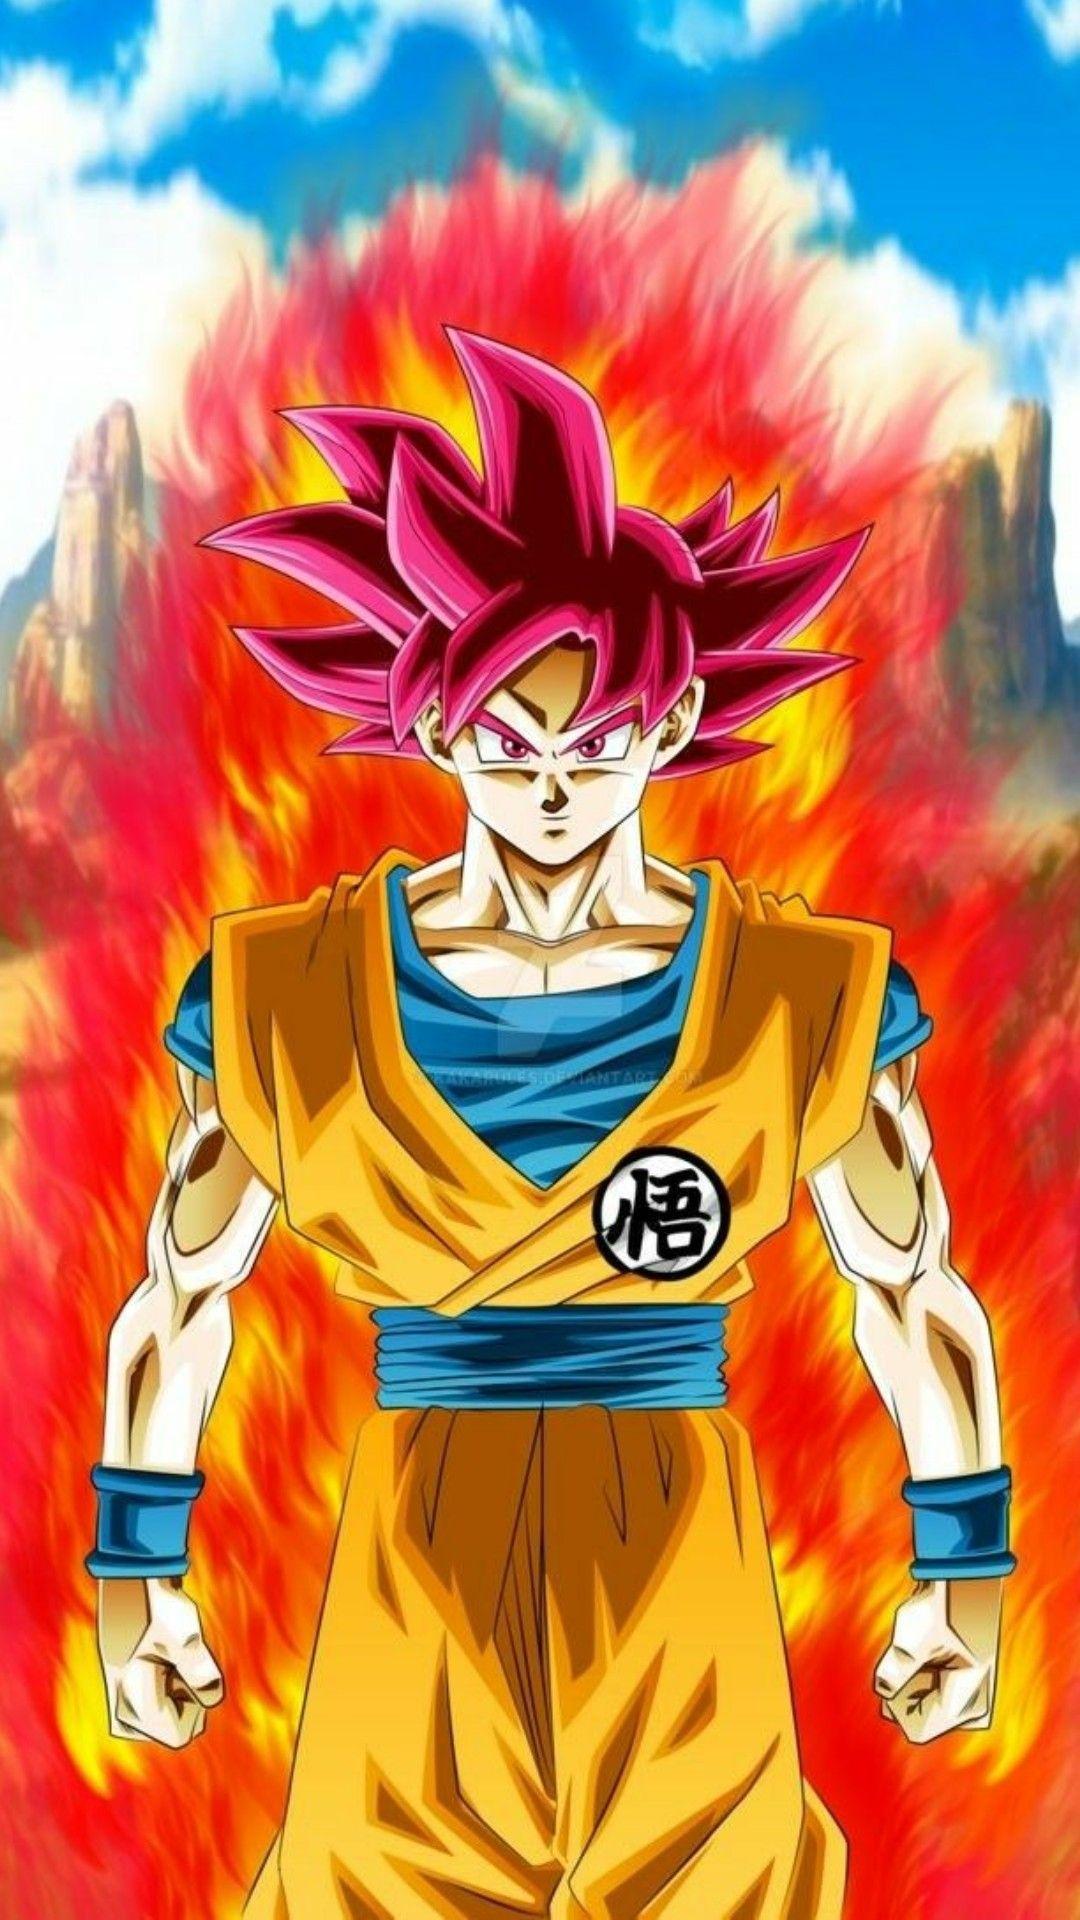 Goku ssj dios dc imagenes de goku dios super goku y - Imagens de dragon ball super ...